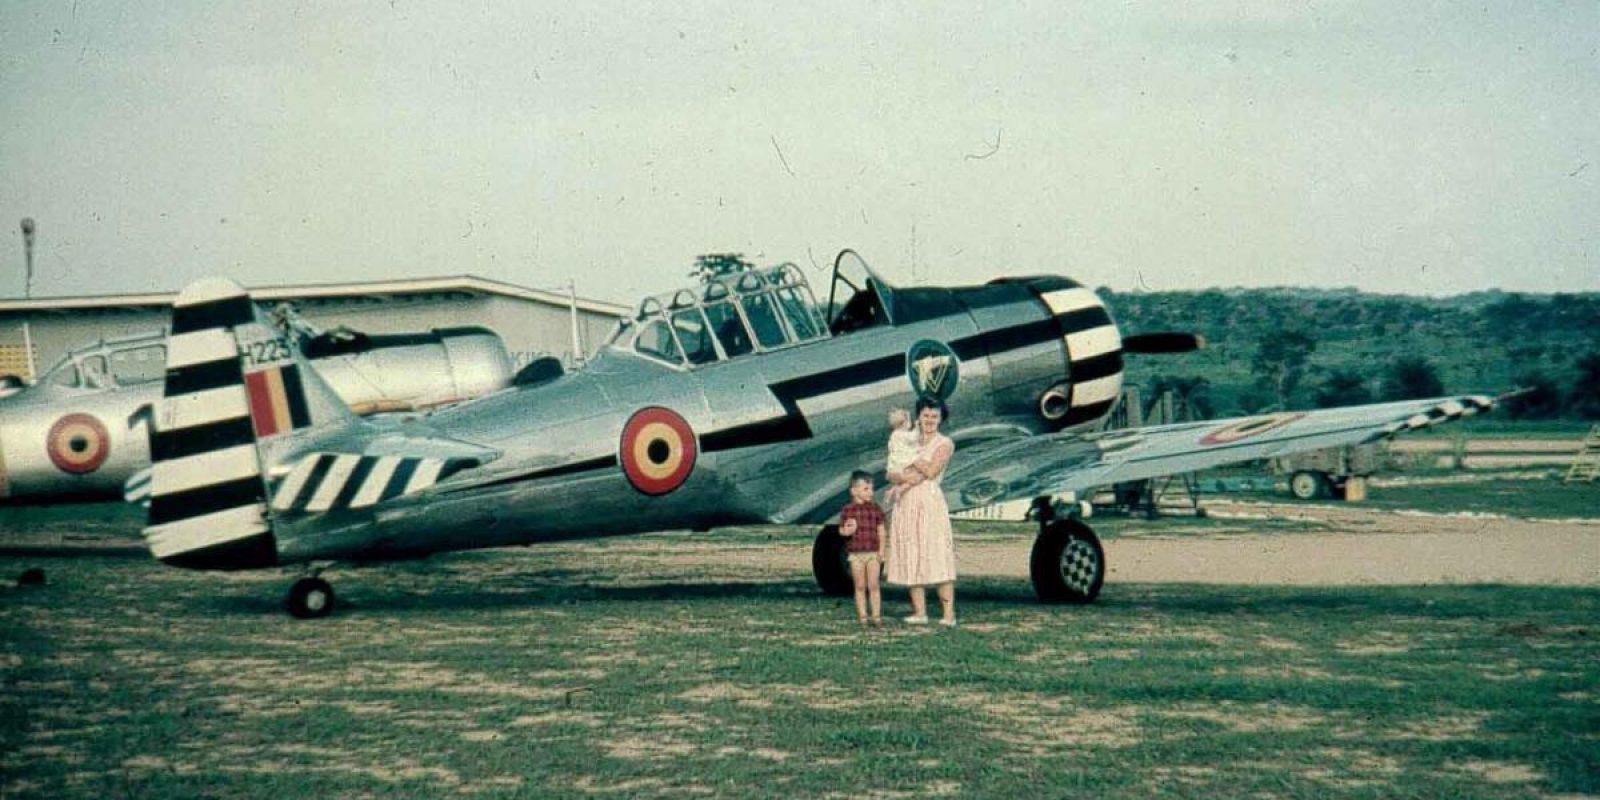 Le superbe H-223 de J-D Wathieu n'était pas peint en argenté mais laissé en métal naturel poli. Il est vu en visite à Kikwit en 1958. (Collection Guido Bouckaert)